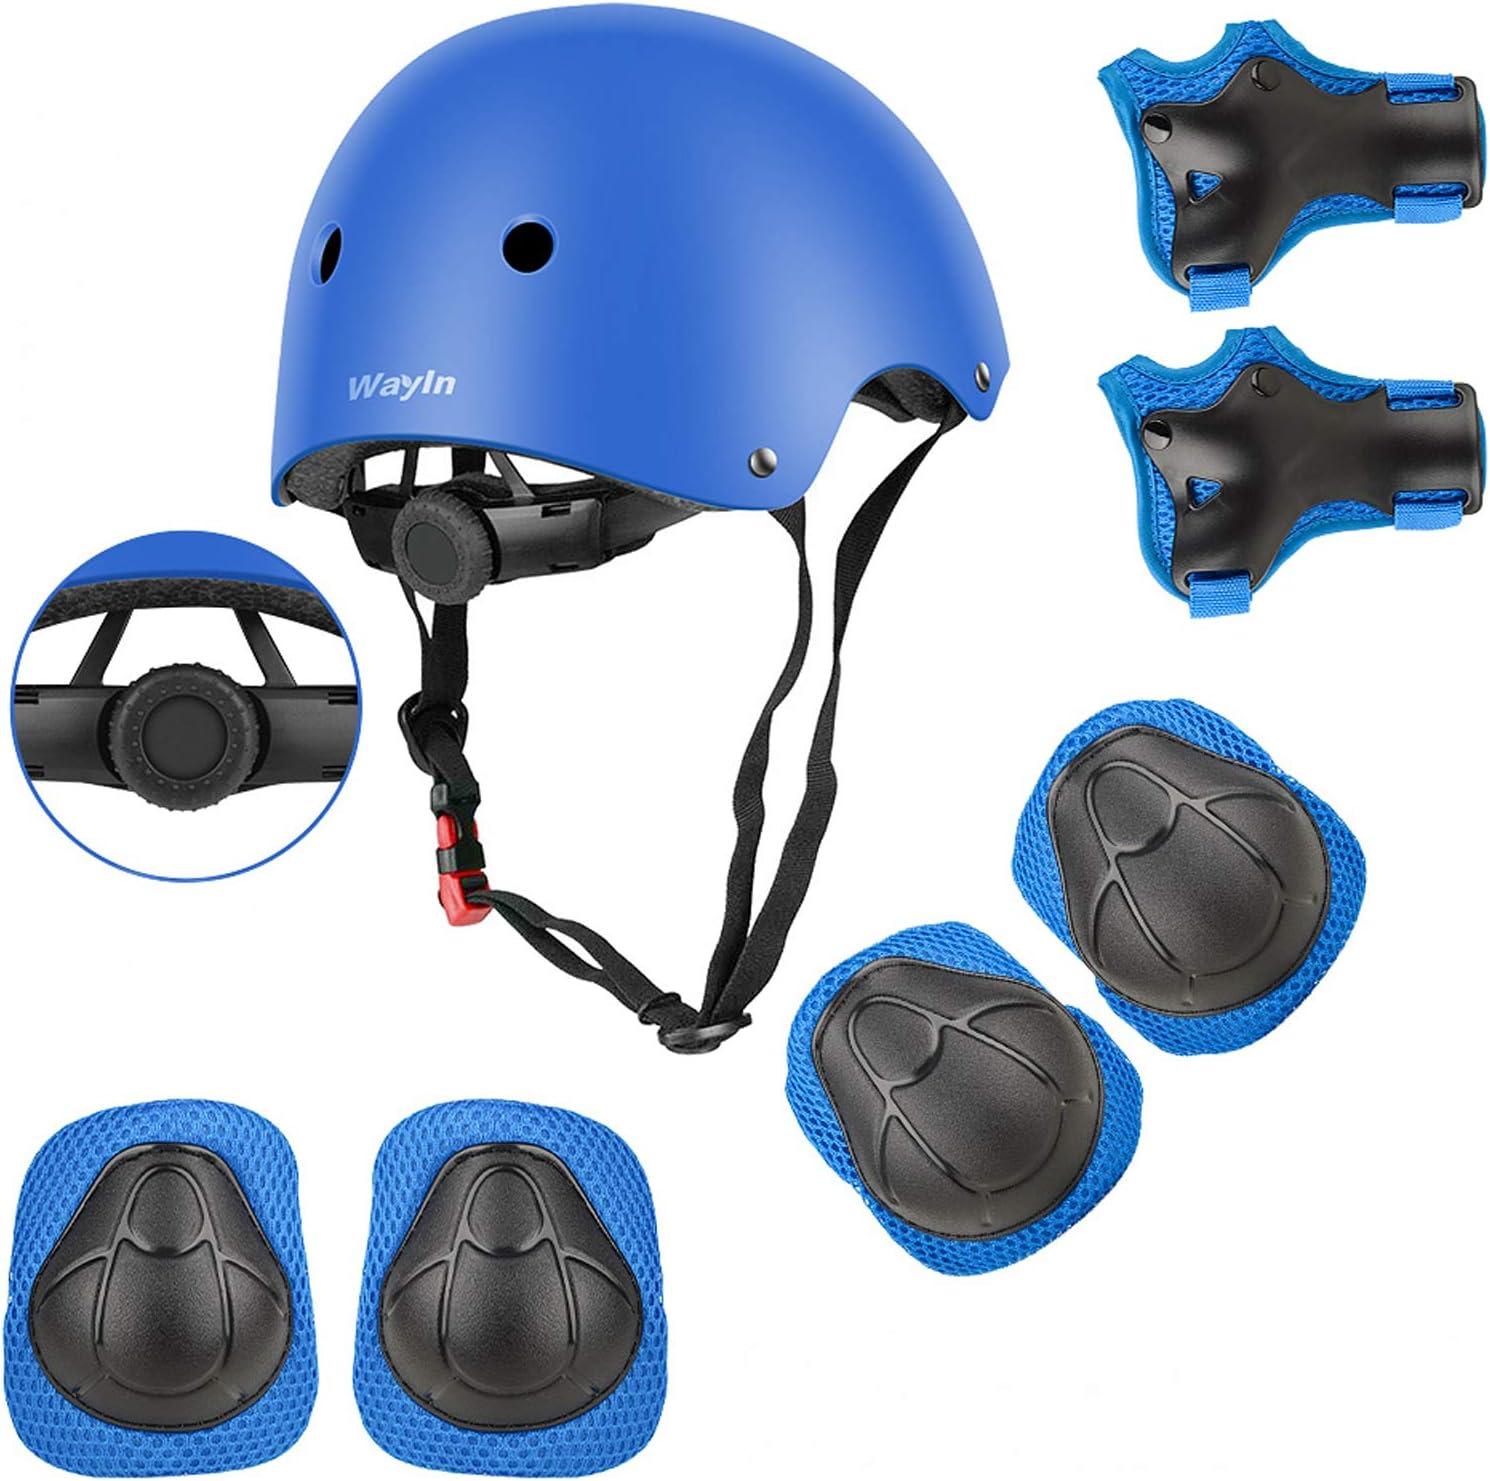 Wayin Conjuntos de Patinajes Niños Protecciones Patines Infantiles con Casco Ajustables Rodilleras y Coderas para Skate Bicicleta Monopatín Deporte